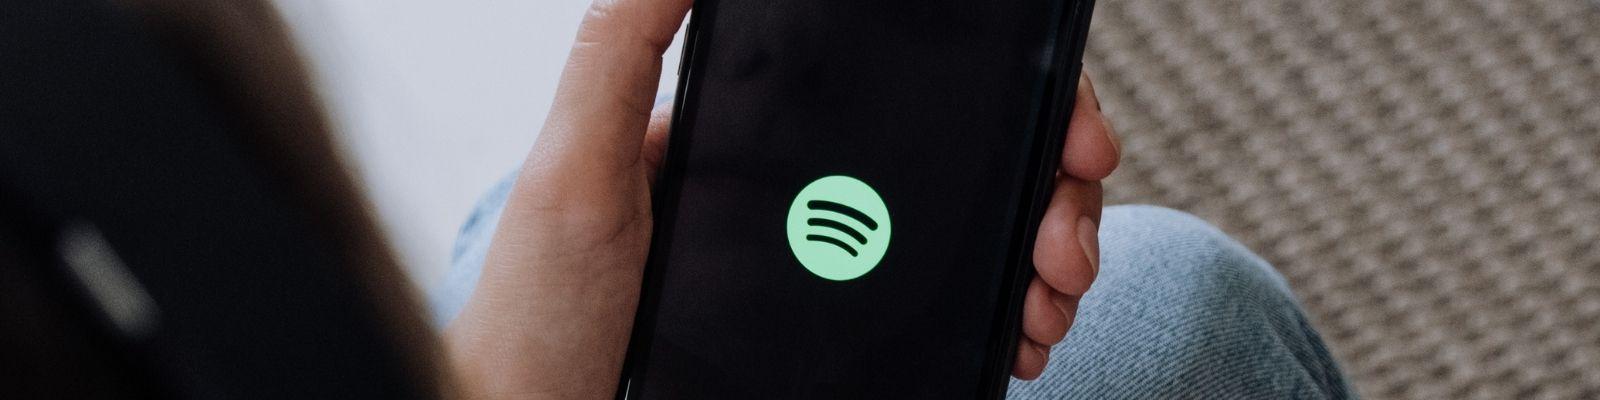 ¿Qué valor pueden aportar los Spotify Ads en tu estrategia Social Paid?